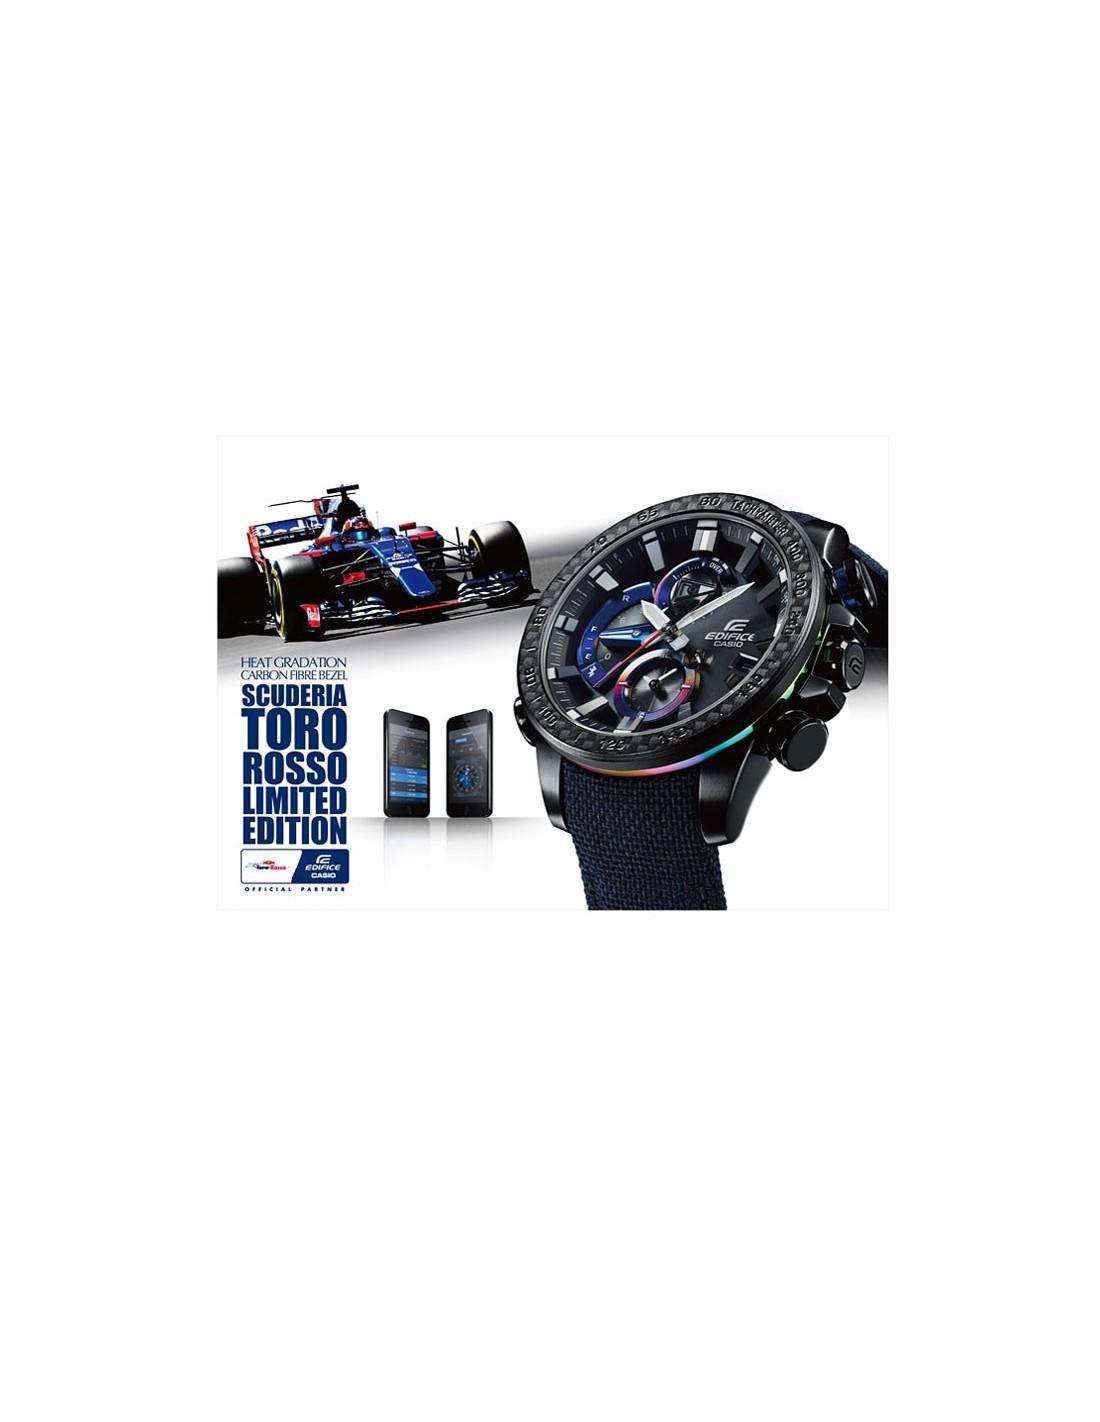 d2ee5c4d62d ... Relógio Casio EDIFICE BLUETOOTH® EDIÇÃO LIMITADA TORO ROSSO  EQB-800TR-1AER ...